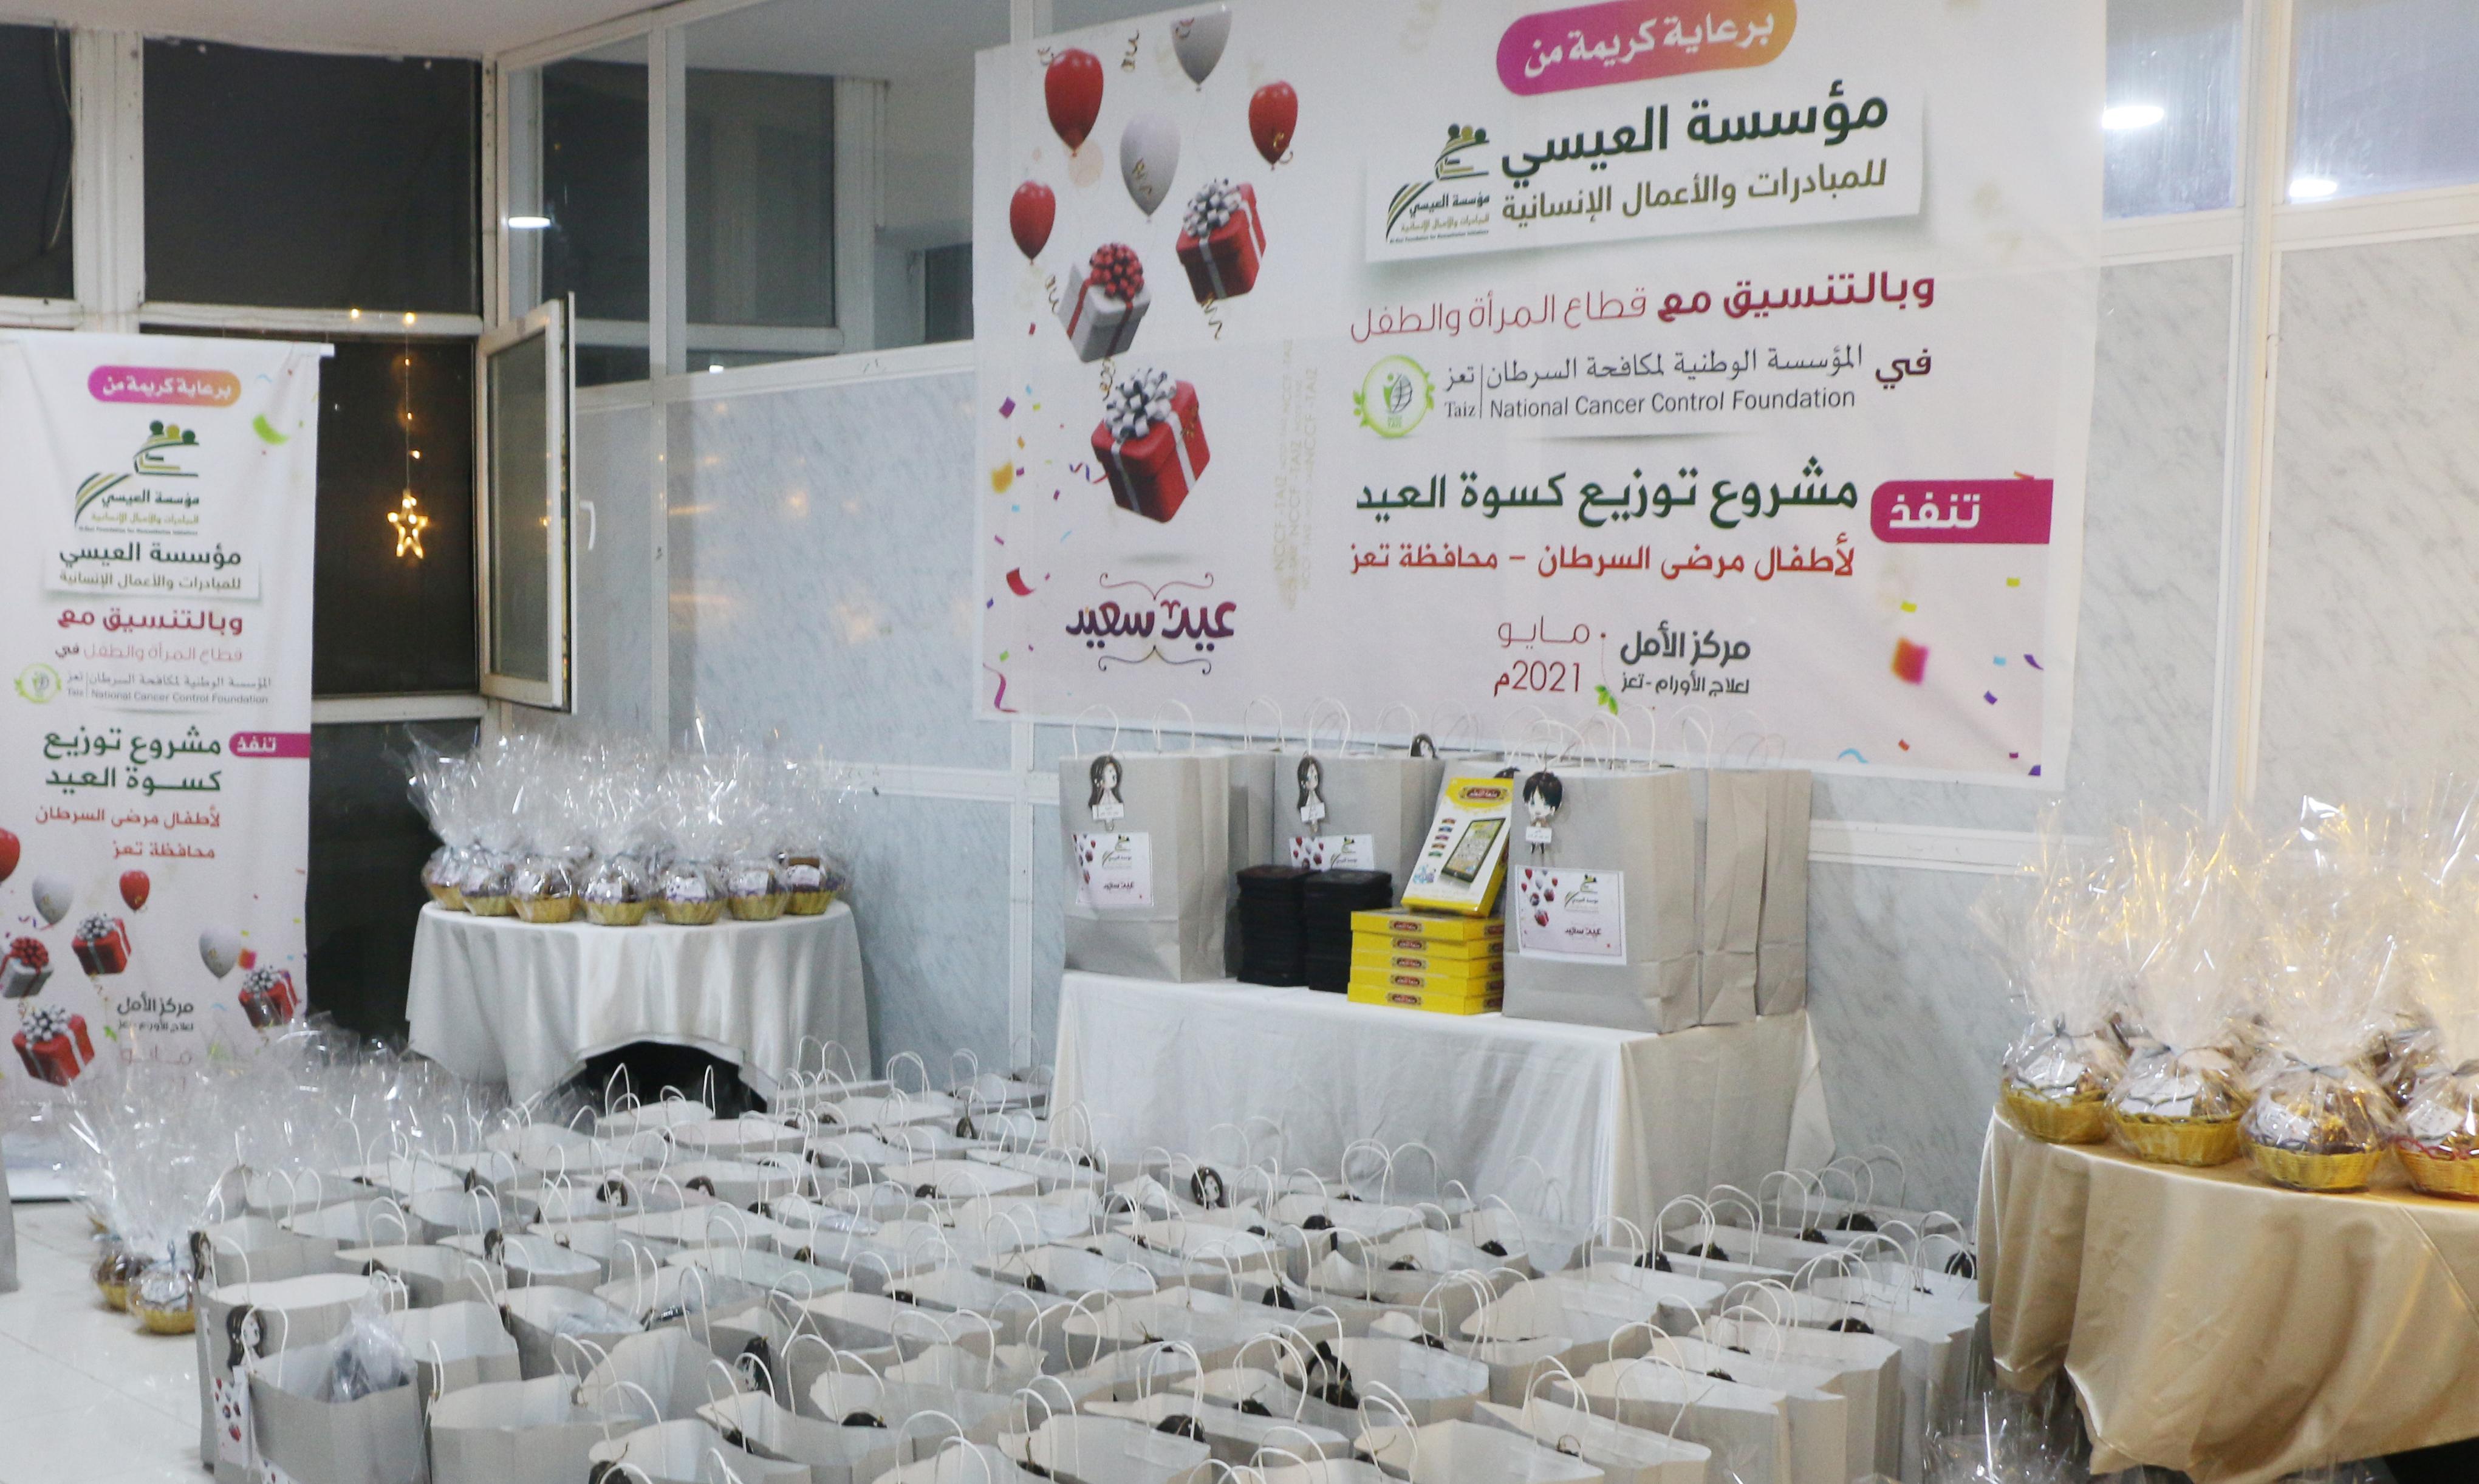 مؤسسة العيسي للمبادرات والأعمال الإنسانية تنفذ مشروع كسوة العيد للأطفال المصابين بمرض السرطان في تعز